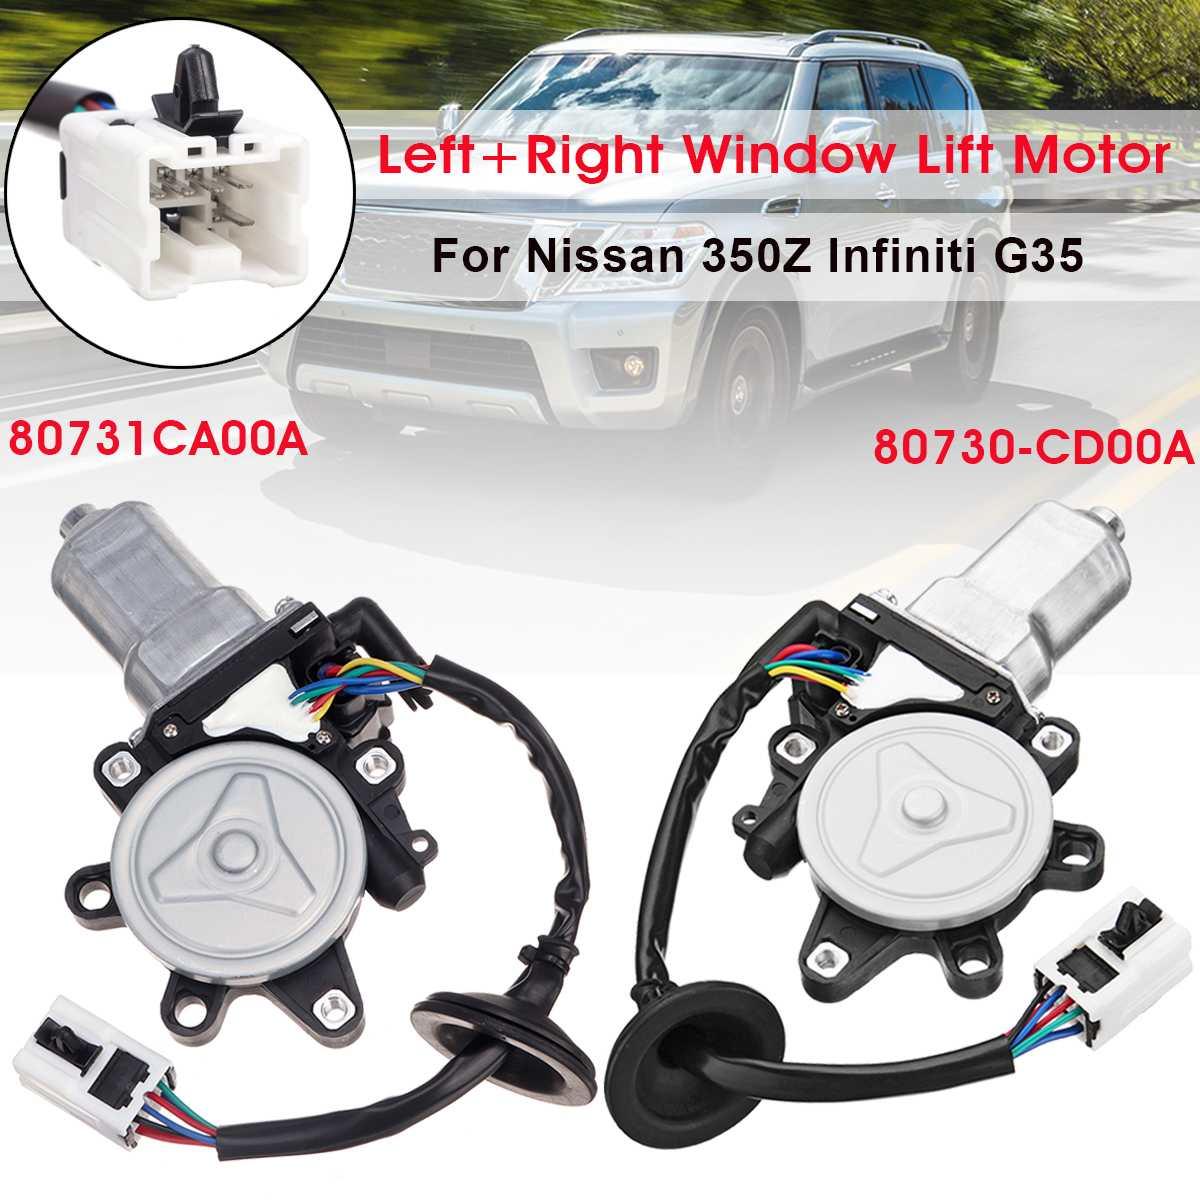 2005 nissan 350z window motor